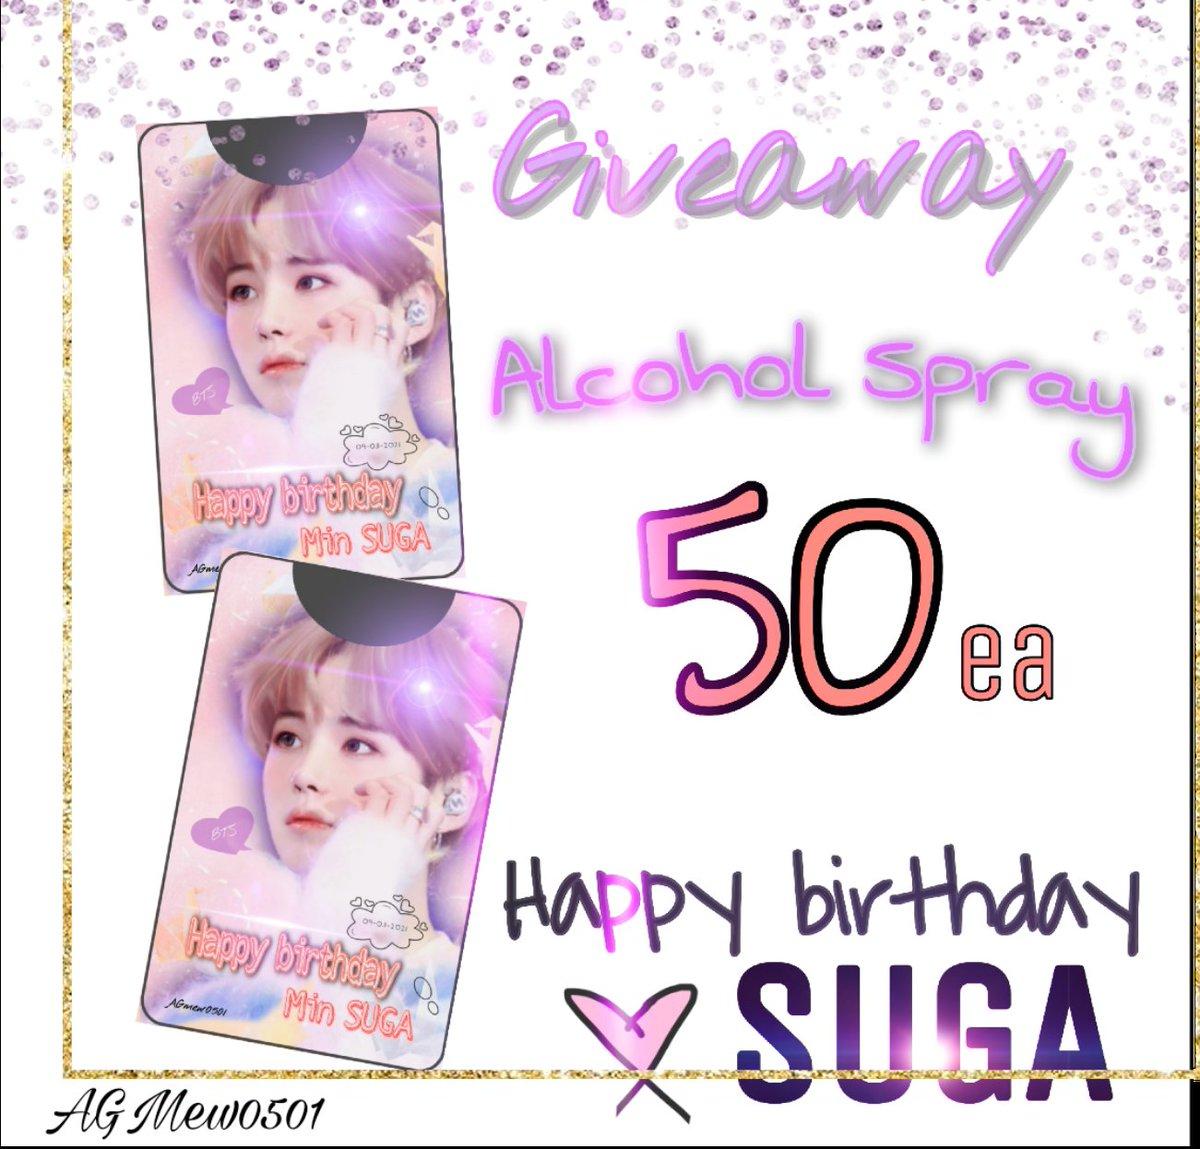 เปิดฟอร์มจอง  🎁Give Away SUGA B-DAY🎁 🛒Alcohol Spray 50ea🌸 🌸เข็มกลัด 30ea 🌸พวงกุญแจกระจก 10ea  📮Shipping fee : 25B.  💥Special for No.39   รายละเอียดฟอร์มในเมนชั่นนะคะ   #HAPPYSUGADAY  #HappyBirthdayYoongi  #SUGA #BTS #HappyYoongiDay